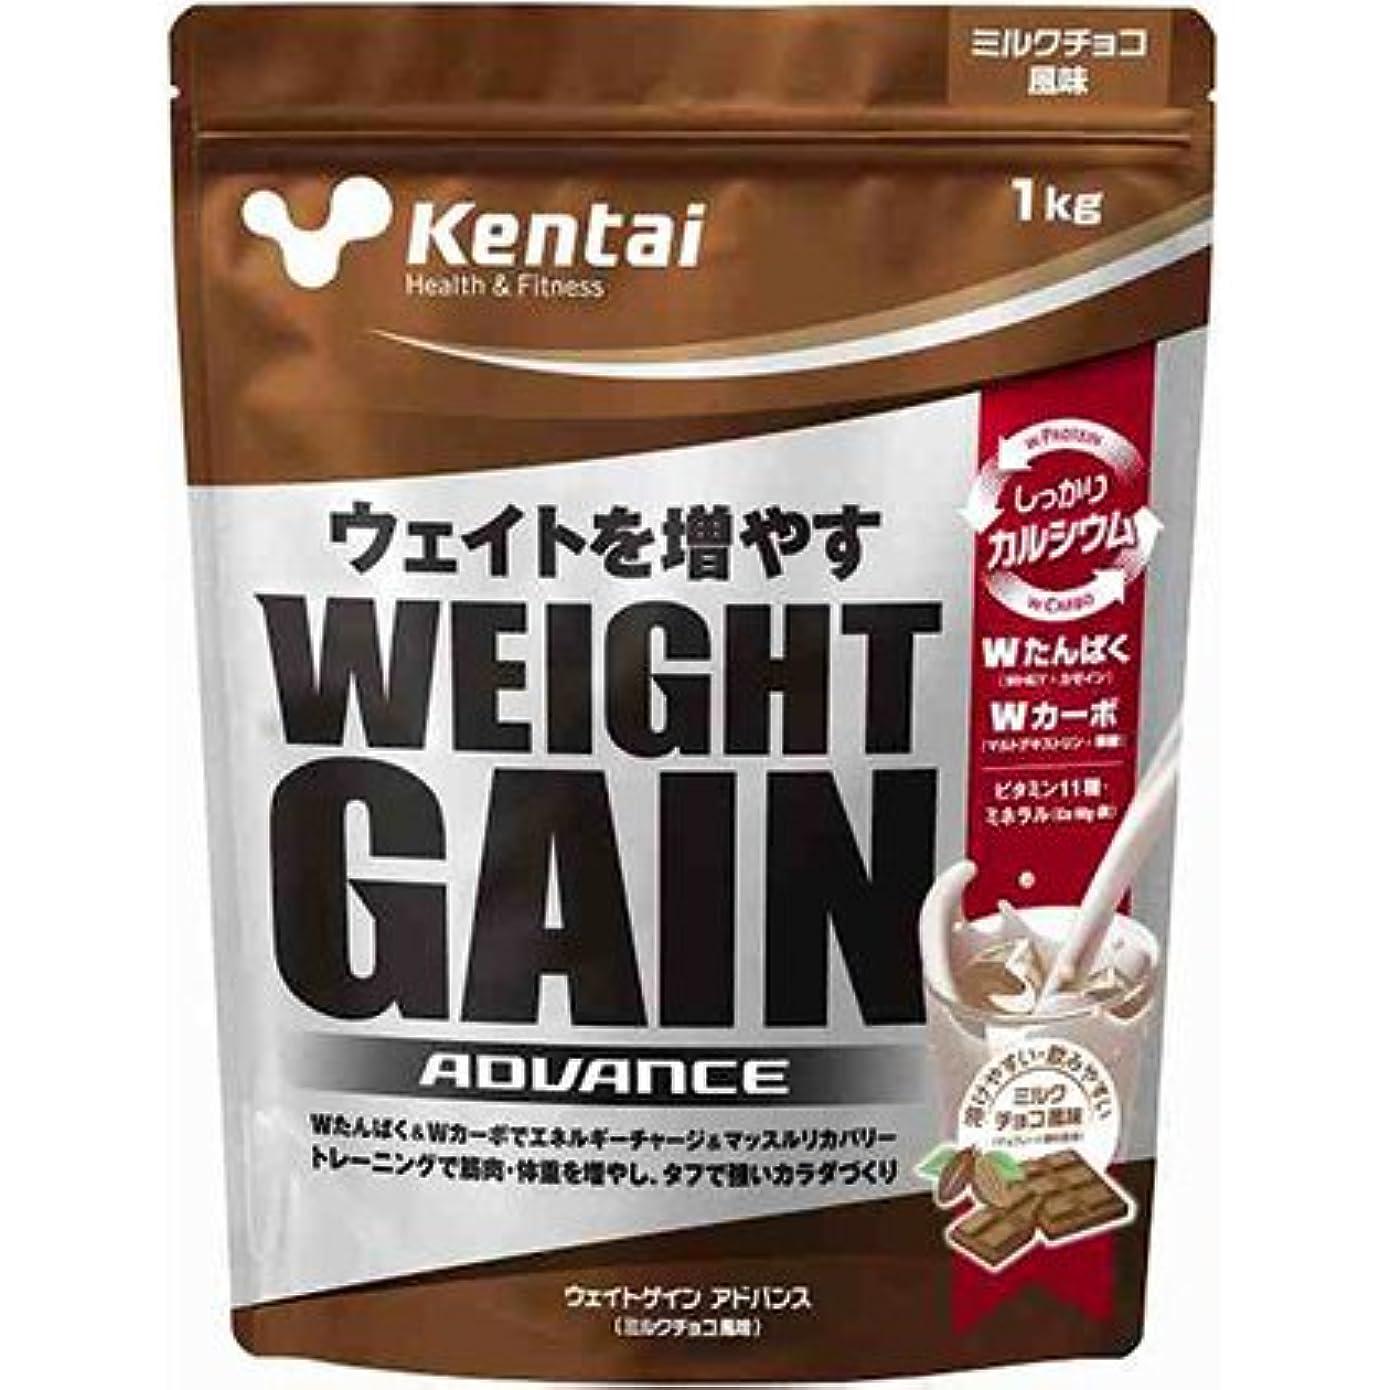 連続的製品人生を作る【健康体力研究所 (Kentai)】 ウエイトゲインアドバンス(ミルクチョコ風味) 1kg